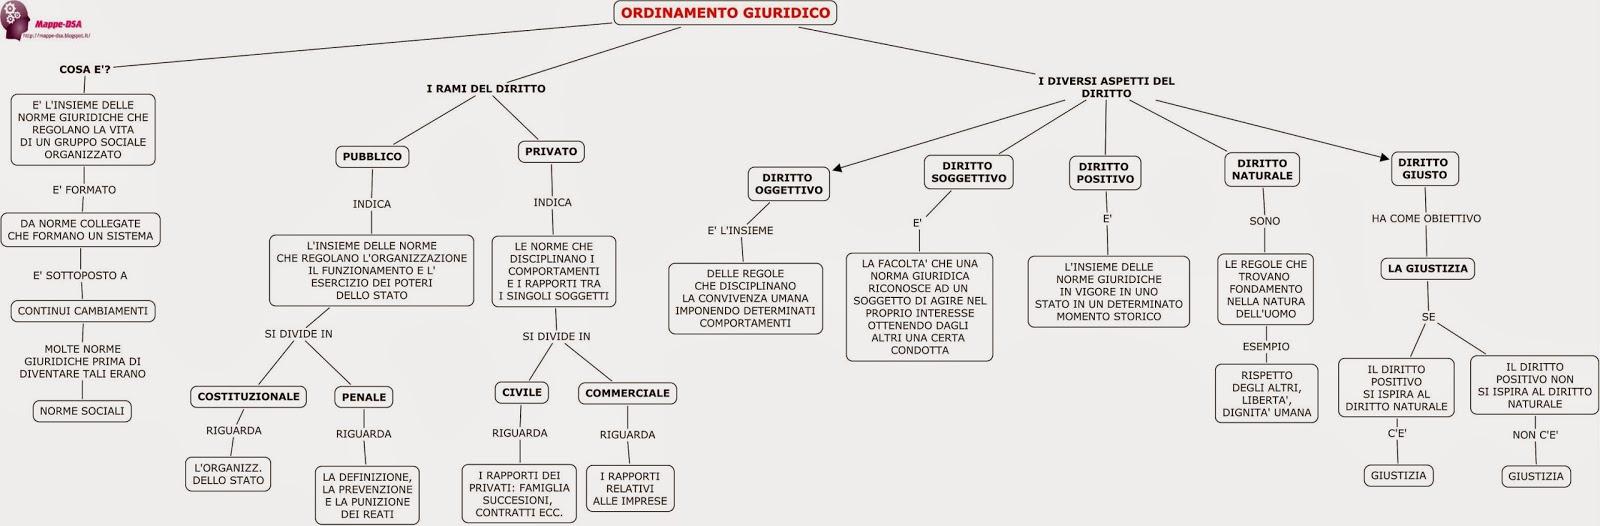 mappa schema ordinamento giuridico diritto dsa